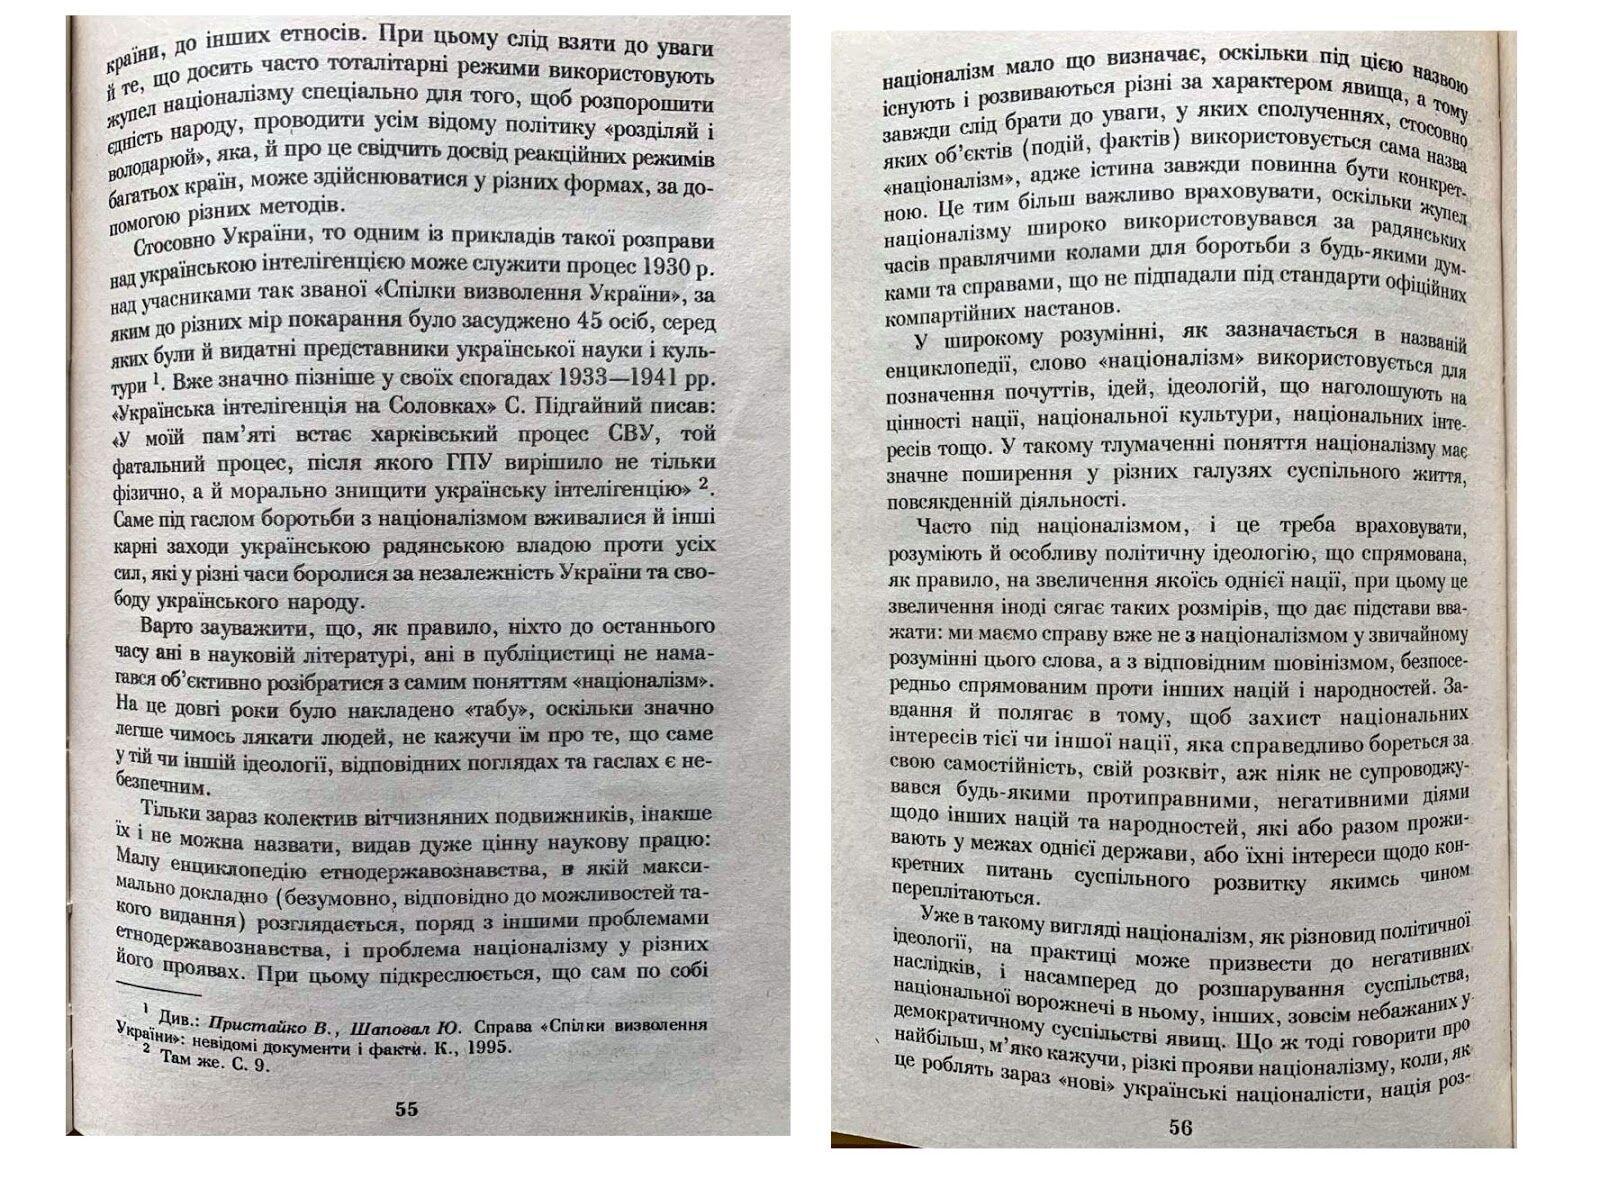 Монография была опубликована в 1997 году